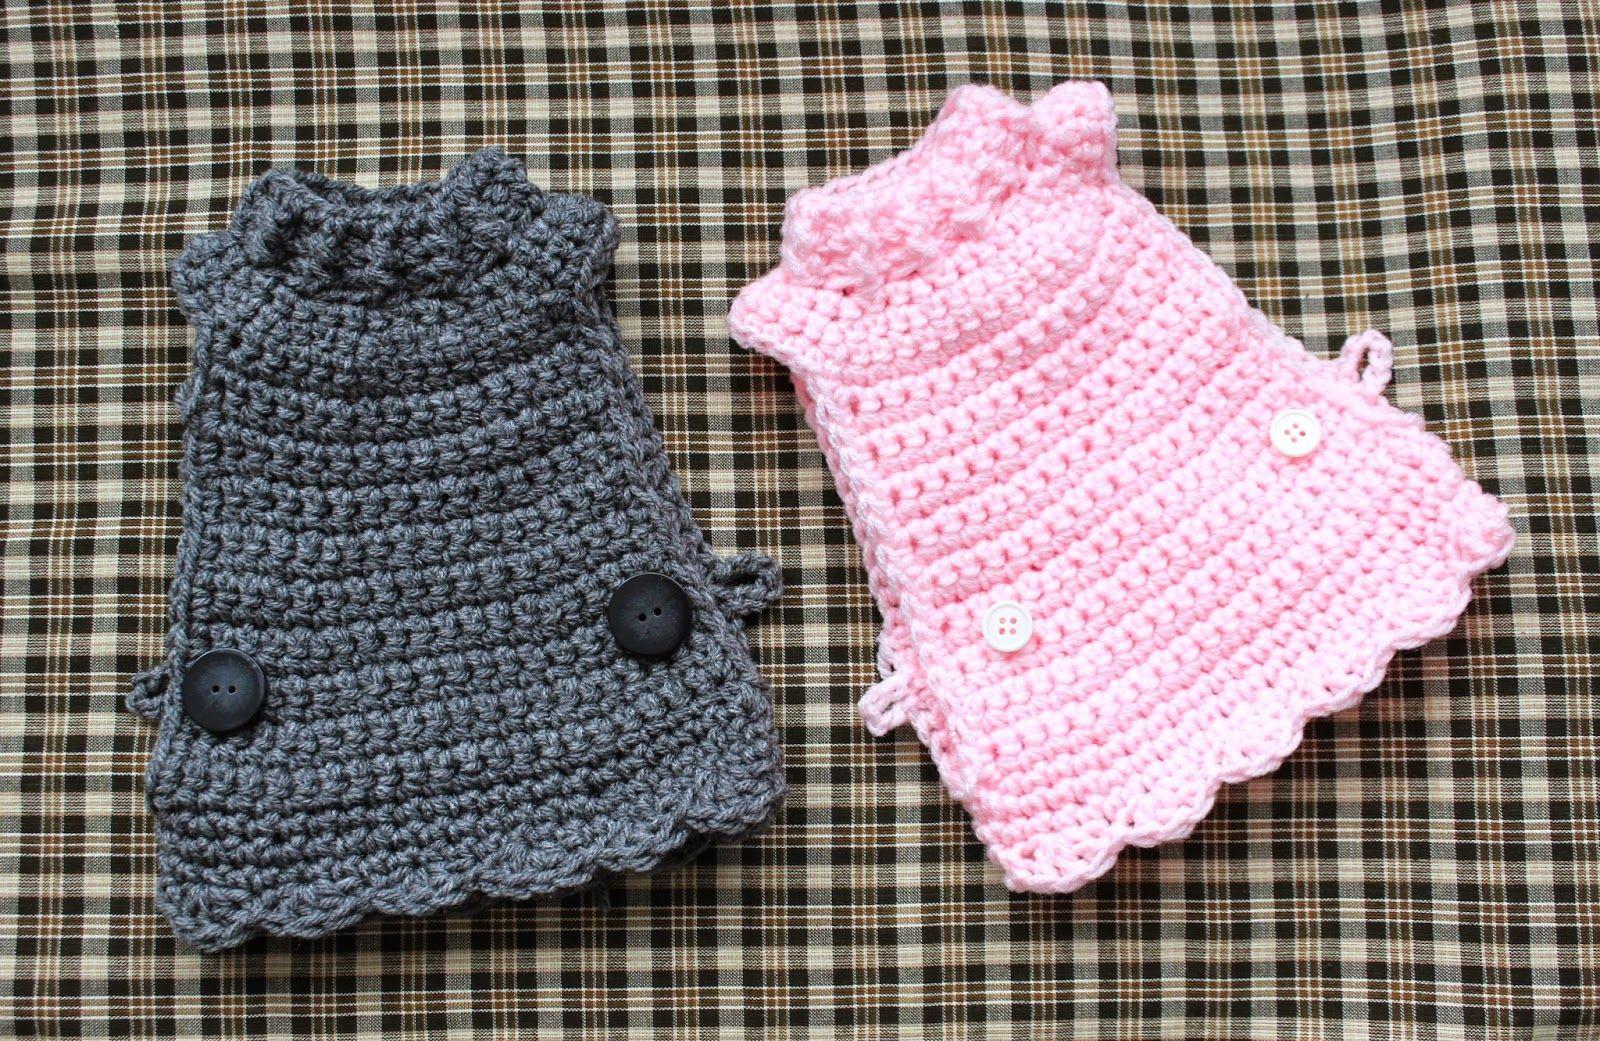 chicken sweaters pattern - Google Search | crochet | Pinterest ...